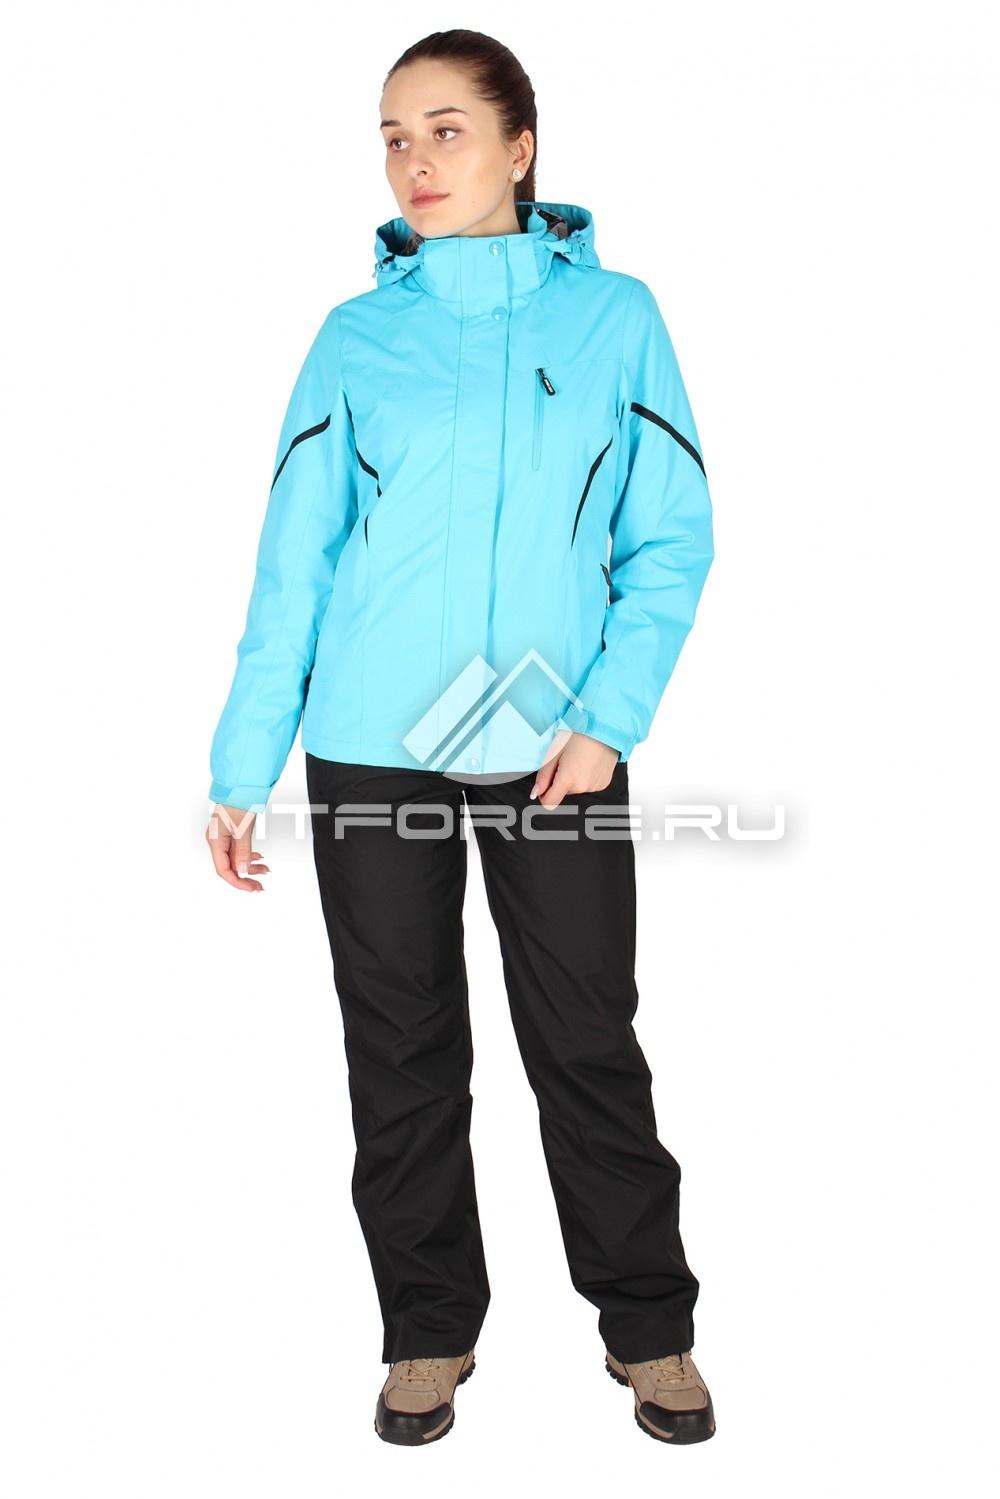 Купить                                  оптом Костюм женский голубого цвета 01615Gl